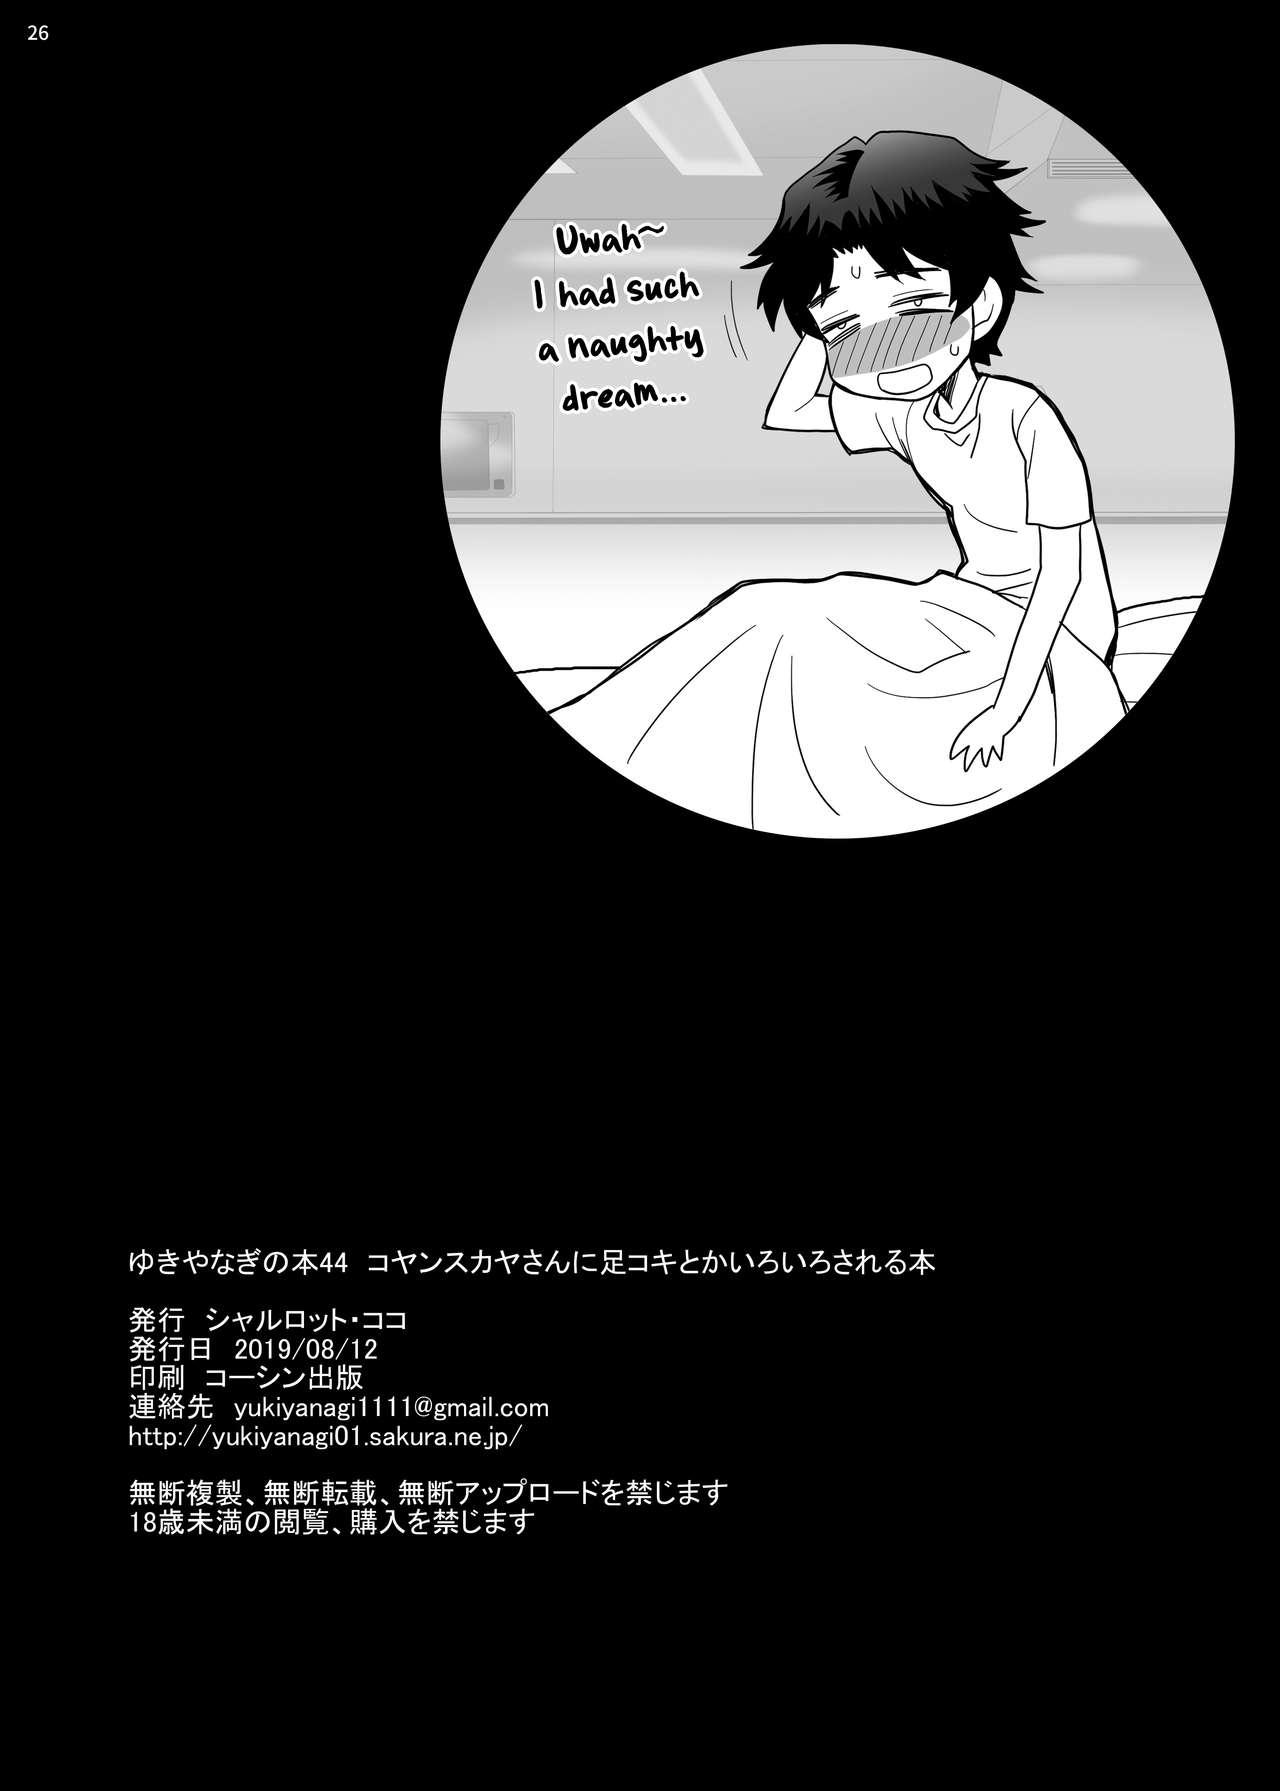 [SHALLOT COCO (Yukiyanagi)] Yukiyanagi no Hon 44 Koyanskaya-san ni Ashikoki toka Iroiro sareru Hon   Yukiyanagi's Book 44 A Book about Getting a Footjob and Stuff Done by Koyanskaya-san (Fate/Grand Order) [English] [biribiri] [Digital] 24